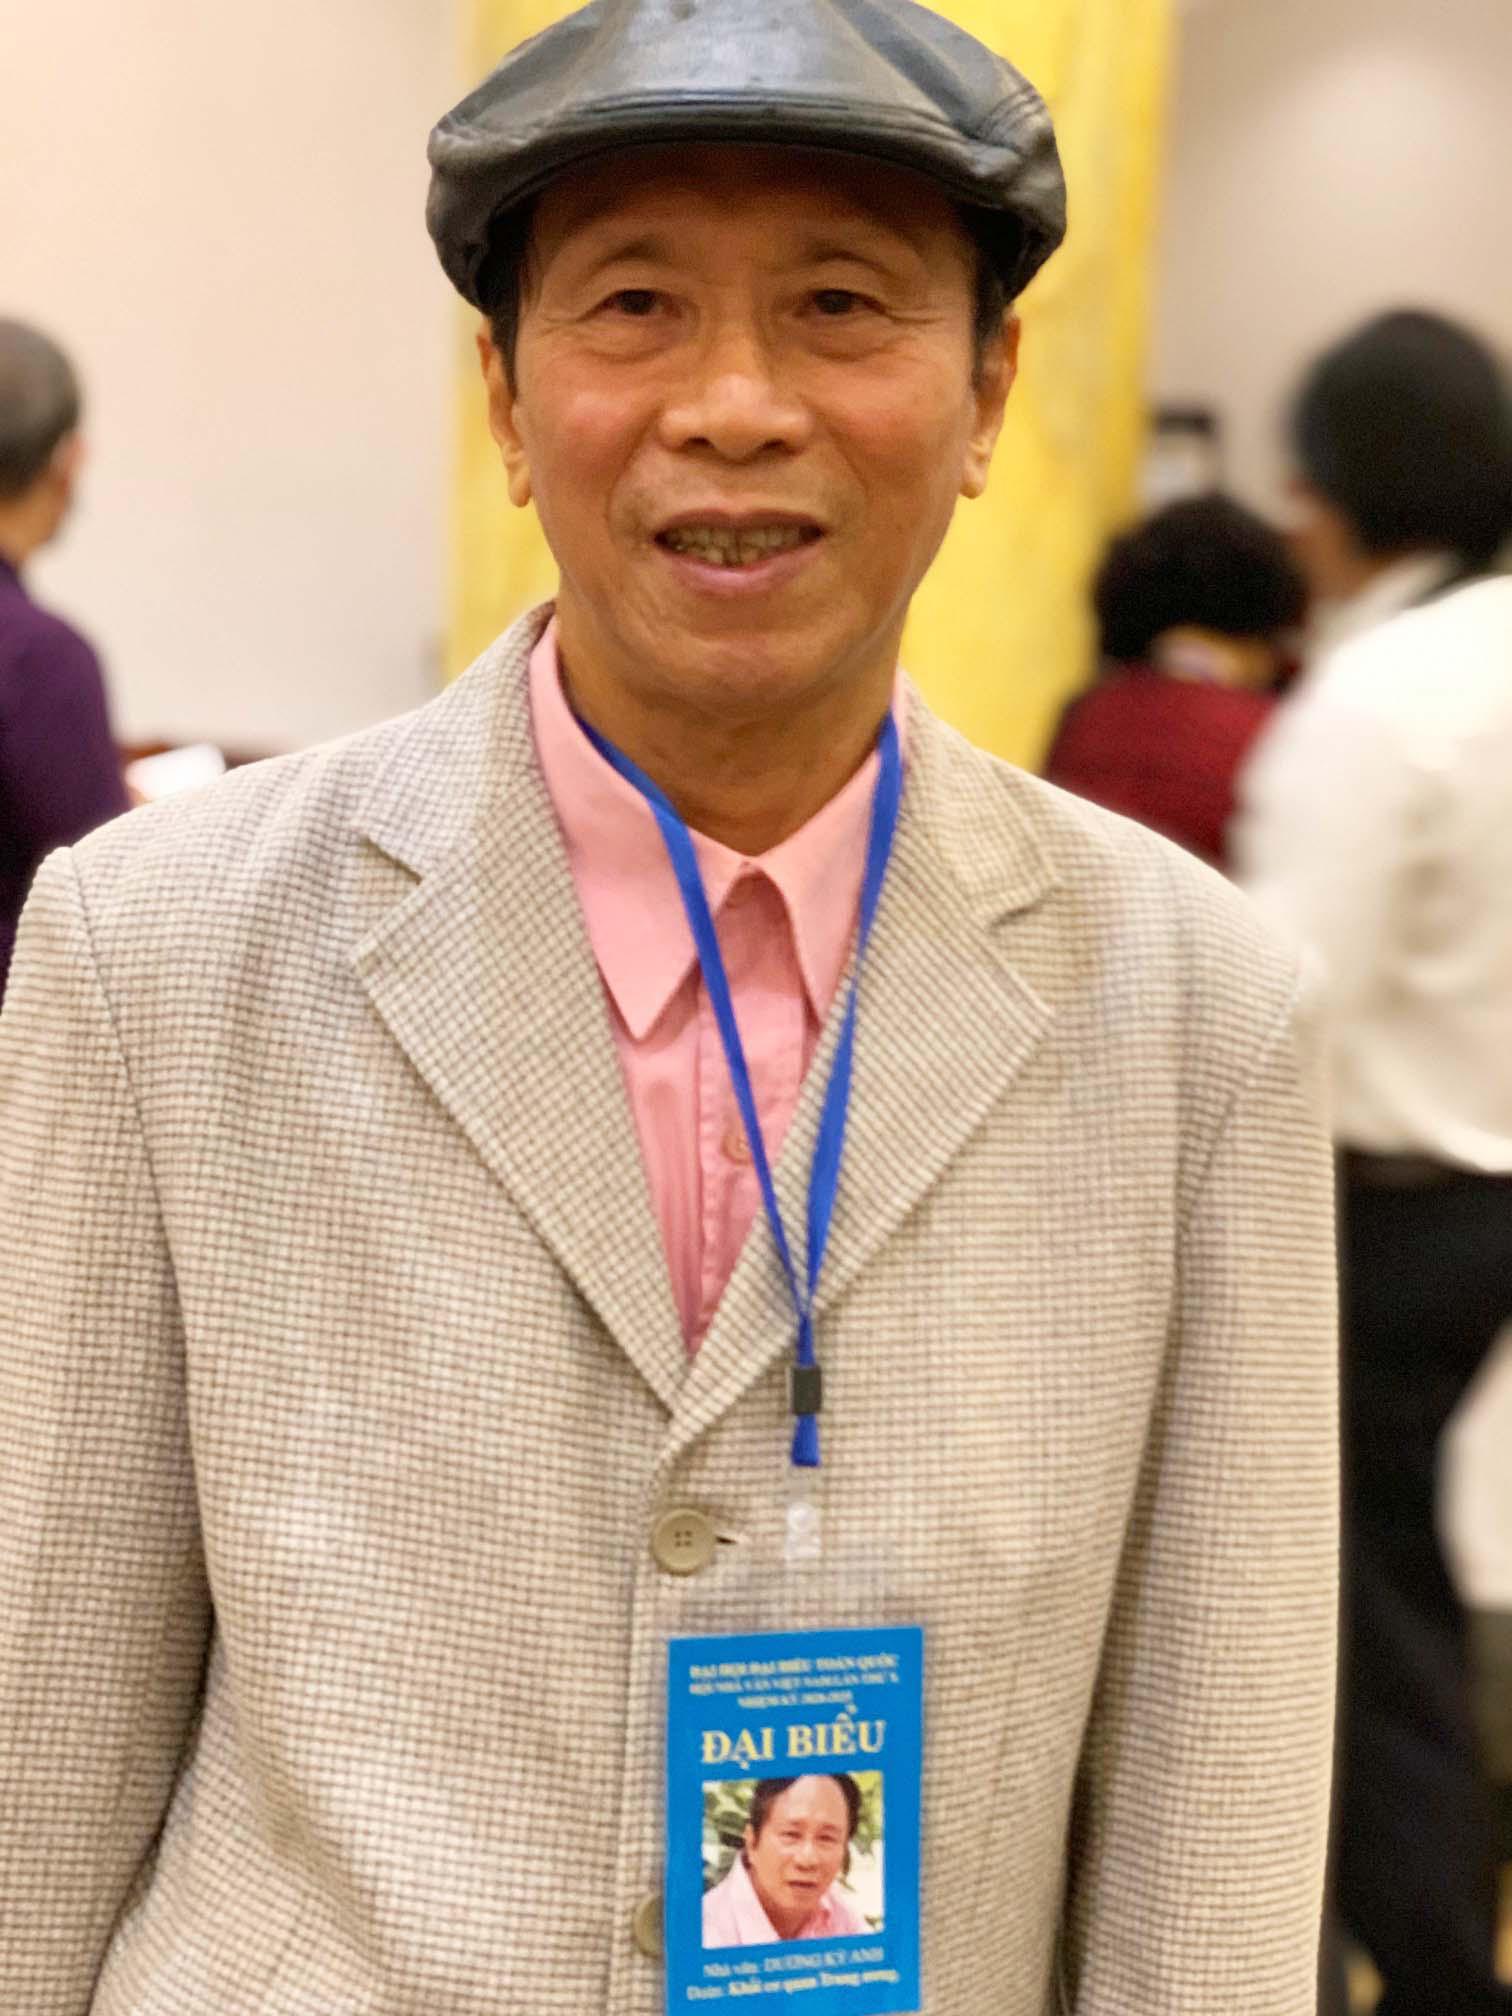 Đại hội Hội nhà văn Việt Nam khoá X: Kỳ vọng nhiều tác phẩm về nông thôn và chống tham nhũng.  - Ảnh 6.